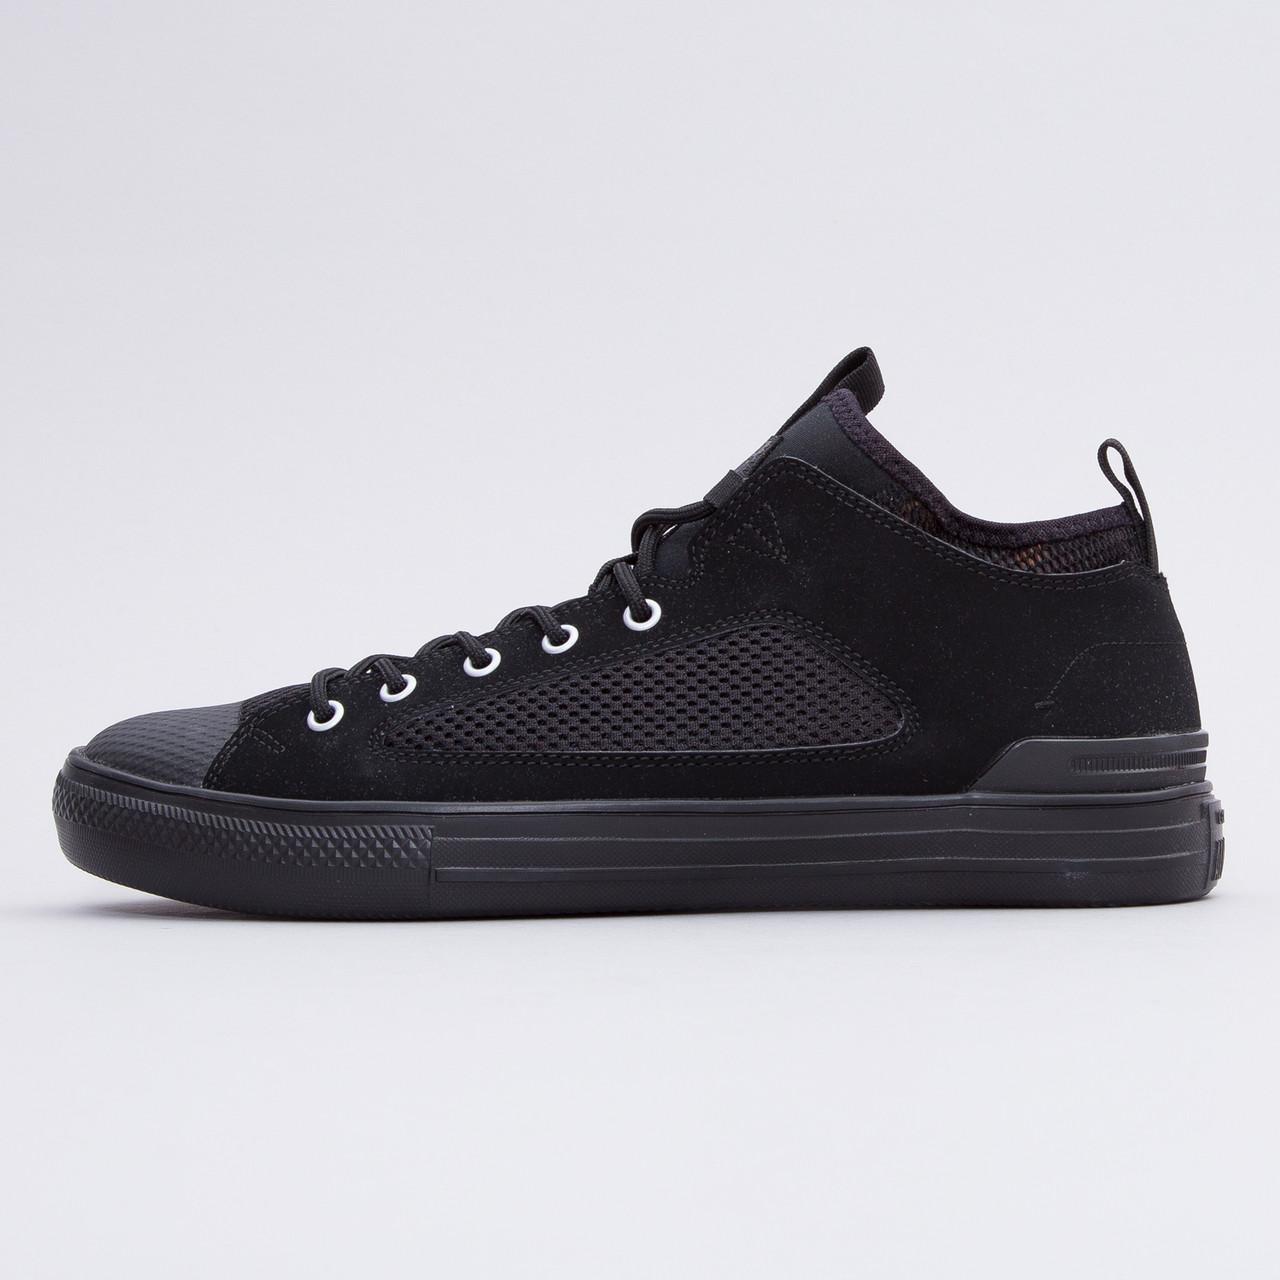 Оригинальные мужские кроссовки CONVERSE CHUCK TAYLOR ALL STAR ULTRA ... aa7d3e6348f10